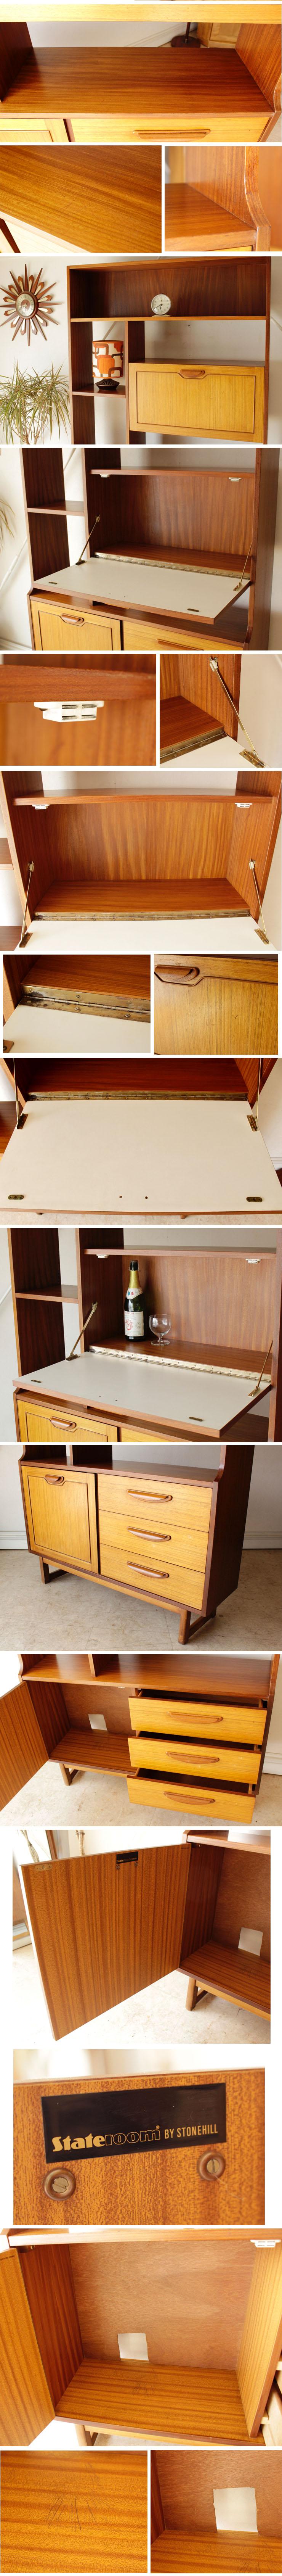 ルームディバイダー・サイドボード・ストーンヒル・イギリス・チーク・ビンテージ・アンティーク・ミッドセンチュリー・収納家具